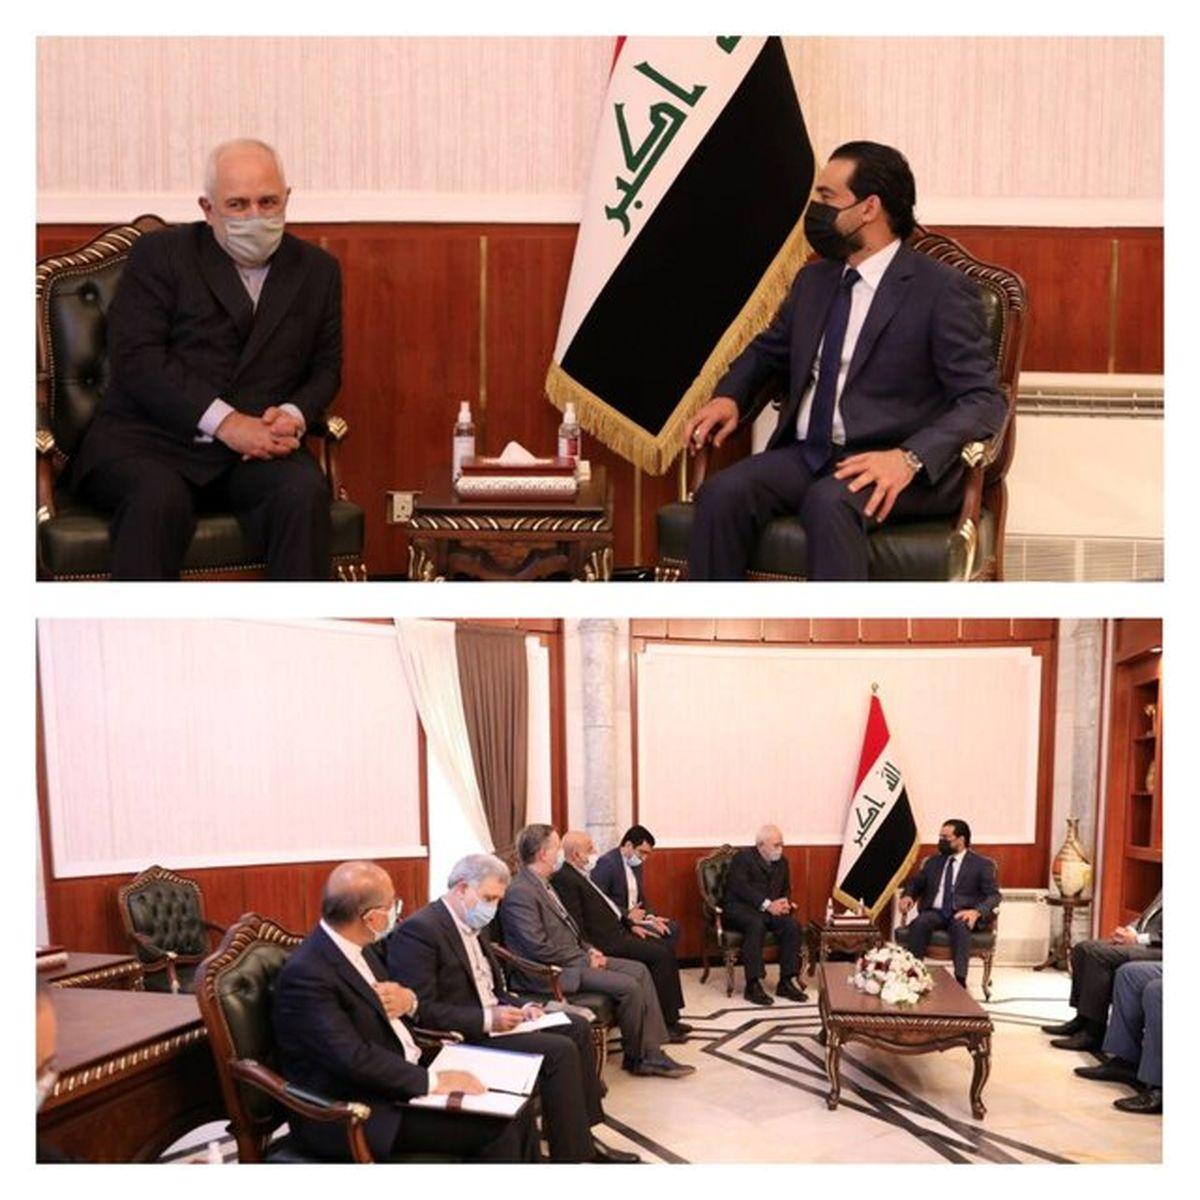 خروج نیروهای بیگانه از عراق احترام به حاکمیت این کشور است